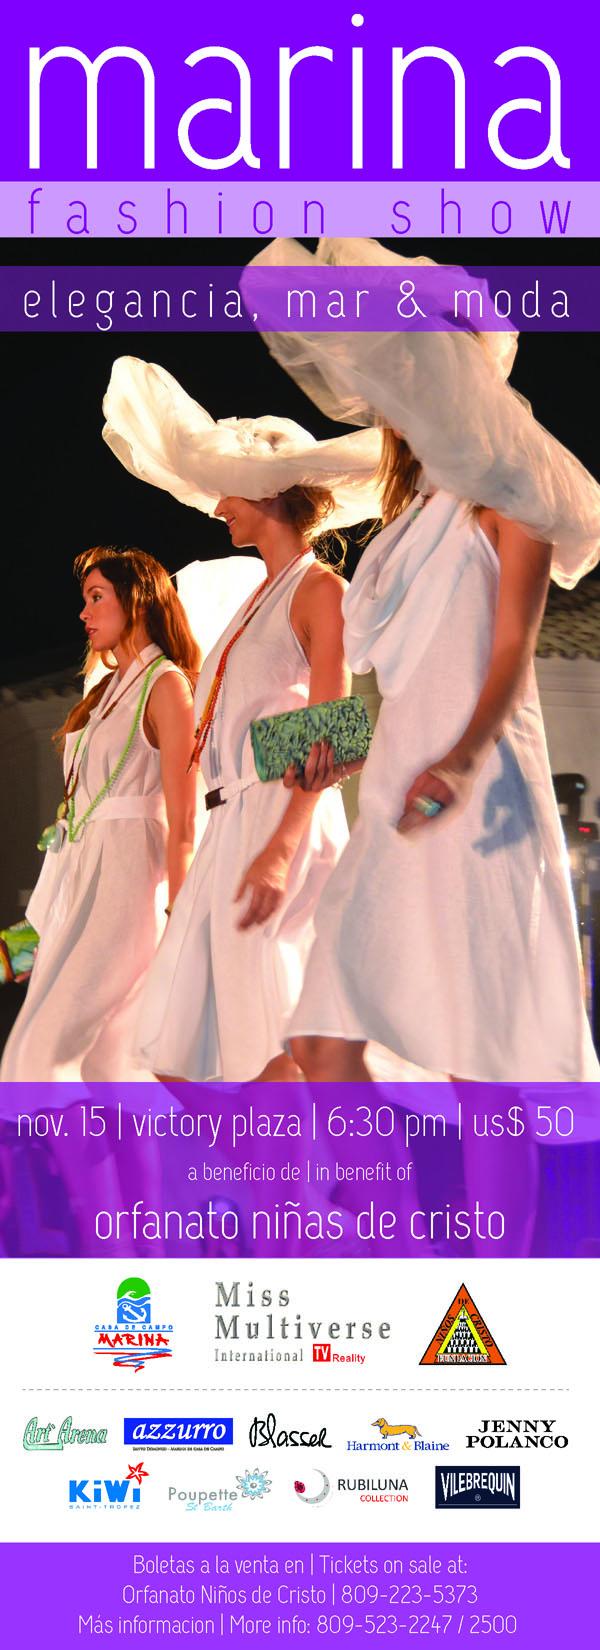 Marina Fashion Show_flyer_4x11